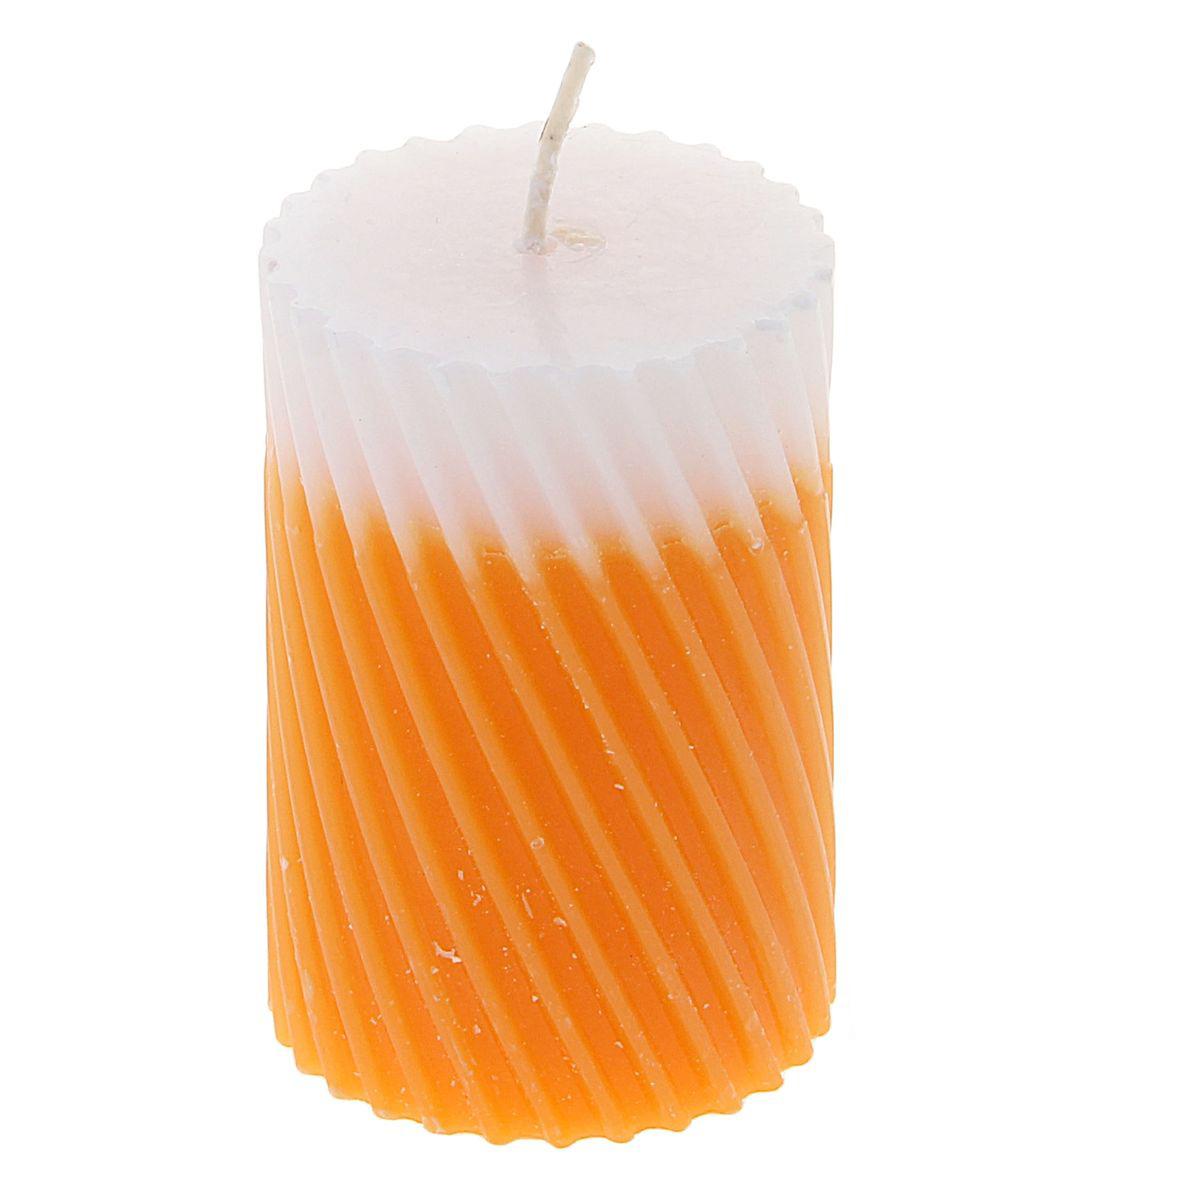 Свеча ароматизированная Sima-land Апельсин, высота 7,5 см. 849533RG-D31SСвеча Sima-land Апельсин выполнена из воска и оформлена резным рельефом. Свеча порадует ярким дизайном и сочным ароматом апельсина, который понравится как женщинам, так и мужчинам. Создайте для себя и своих близких незабываемую атмосферу праздника в доме. Ароматическая свеча Sima-land Апельсин раскрасит серые будни яркими красками.